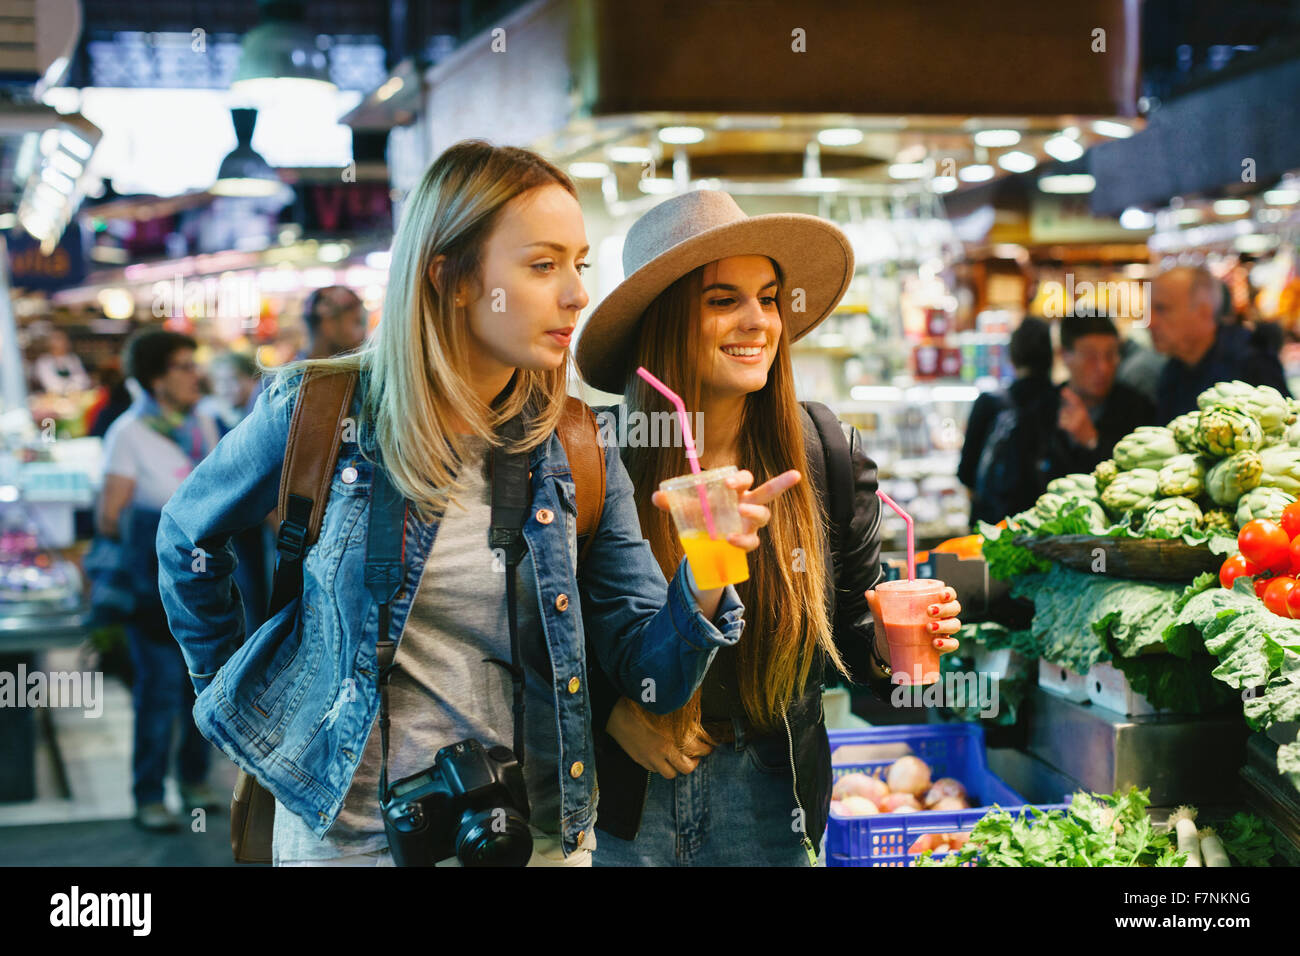 Deux jeunes femmes de boire des smoothies sur un marché Banque D'Images